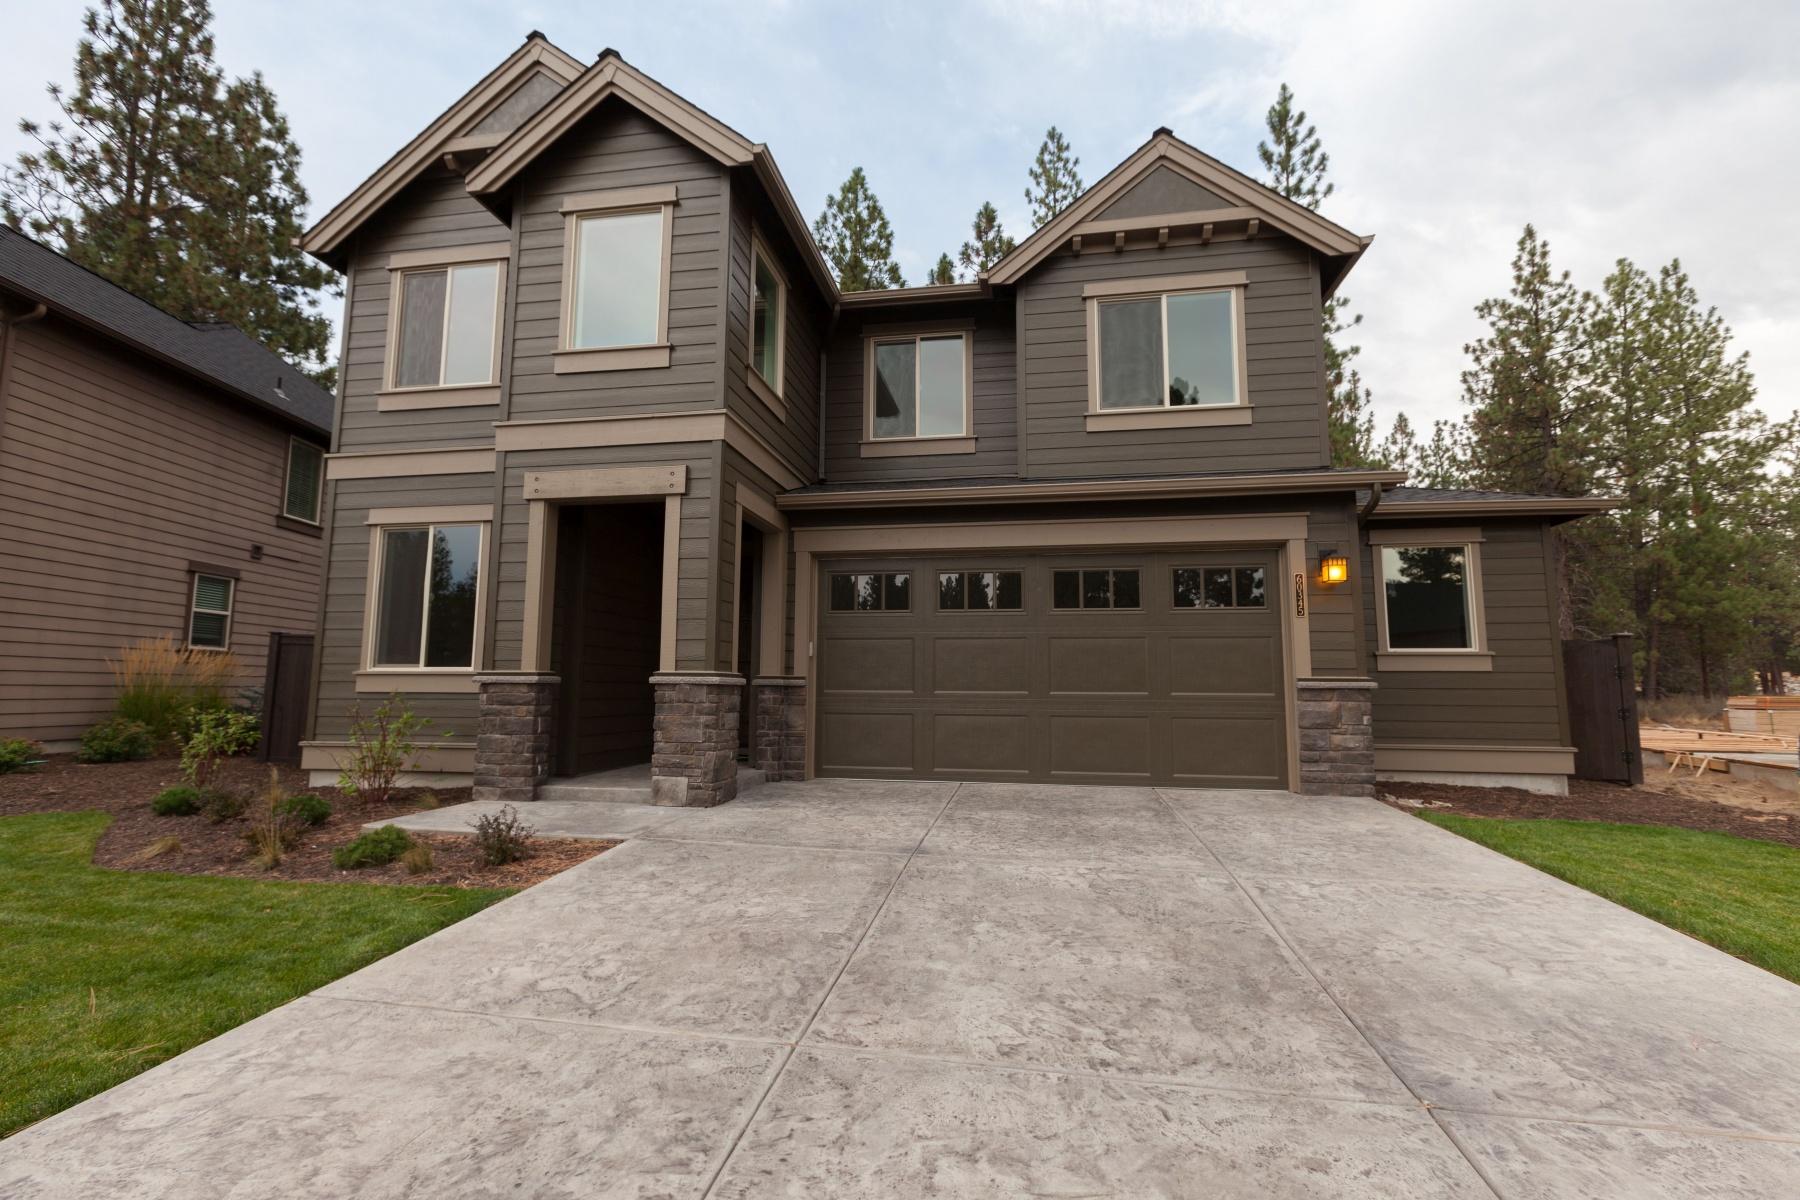 Villa per Vendita alle ore 1243 NE Sunrise Street Lot 79, PRINEVILLE 1243 NE Sunrise St Lot 79 Prineville, Oregon, 97754 Stati Uniti